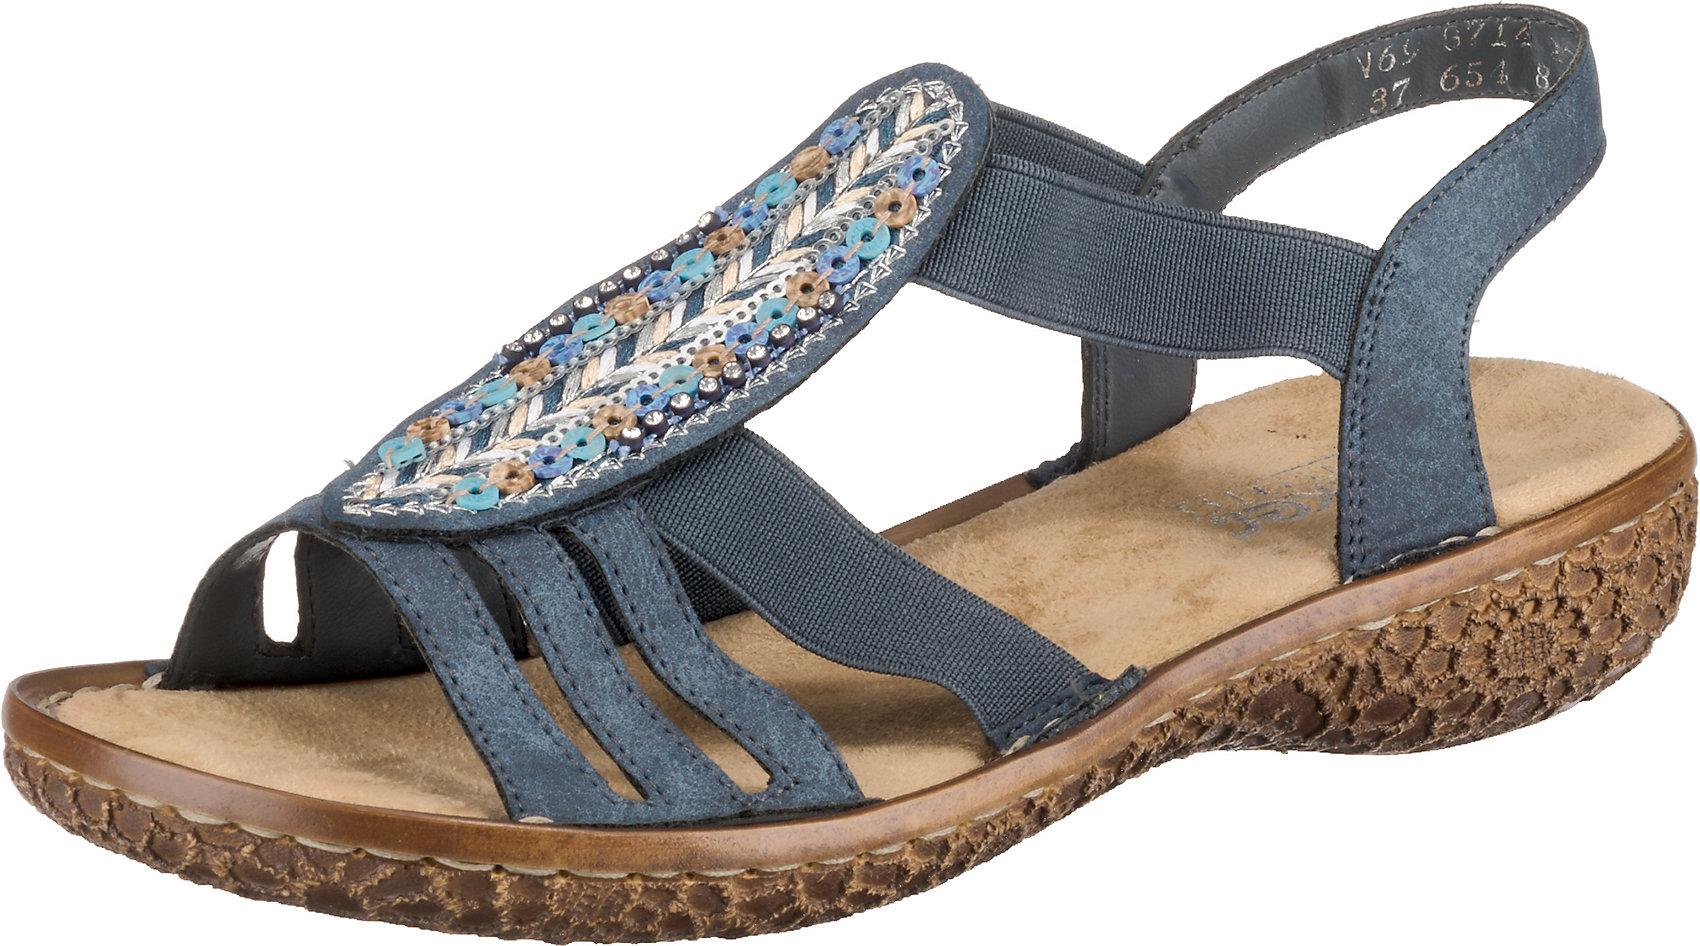 Details zu Neu rieker Klassische Sandalen 10626287 für Damen blau kombi